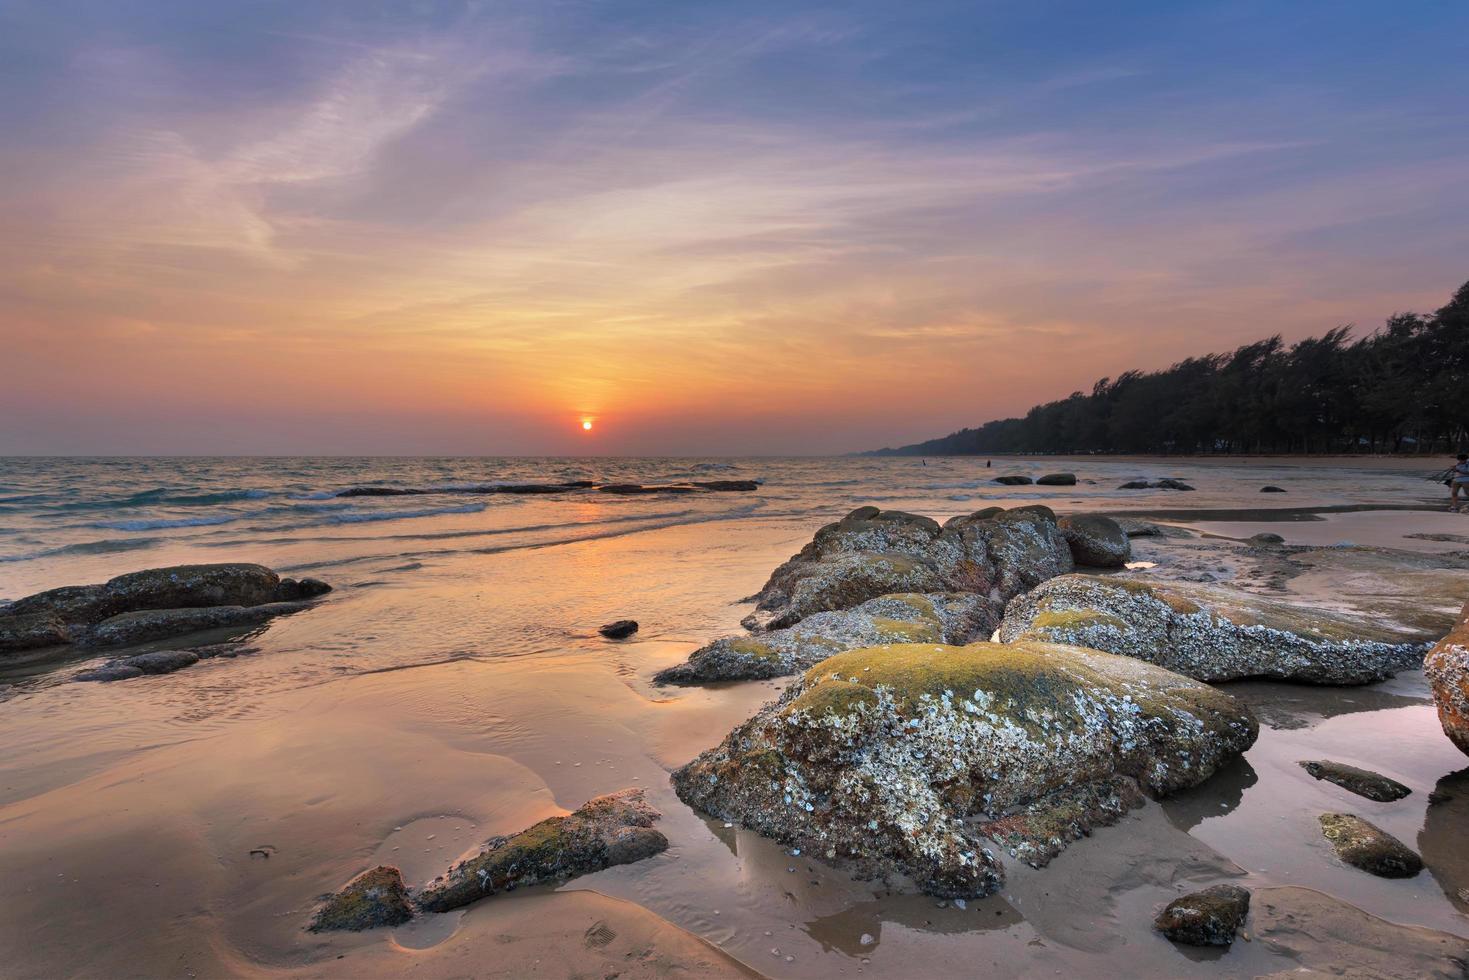 plage tropicale au coucher du soleil photo